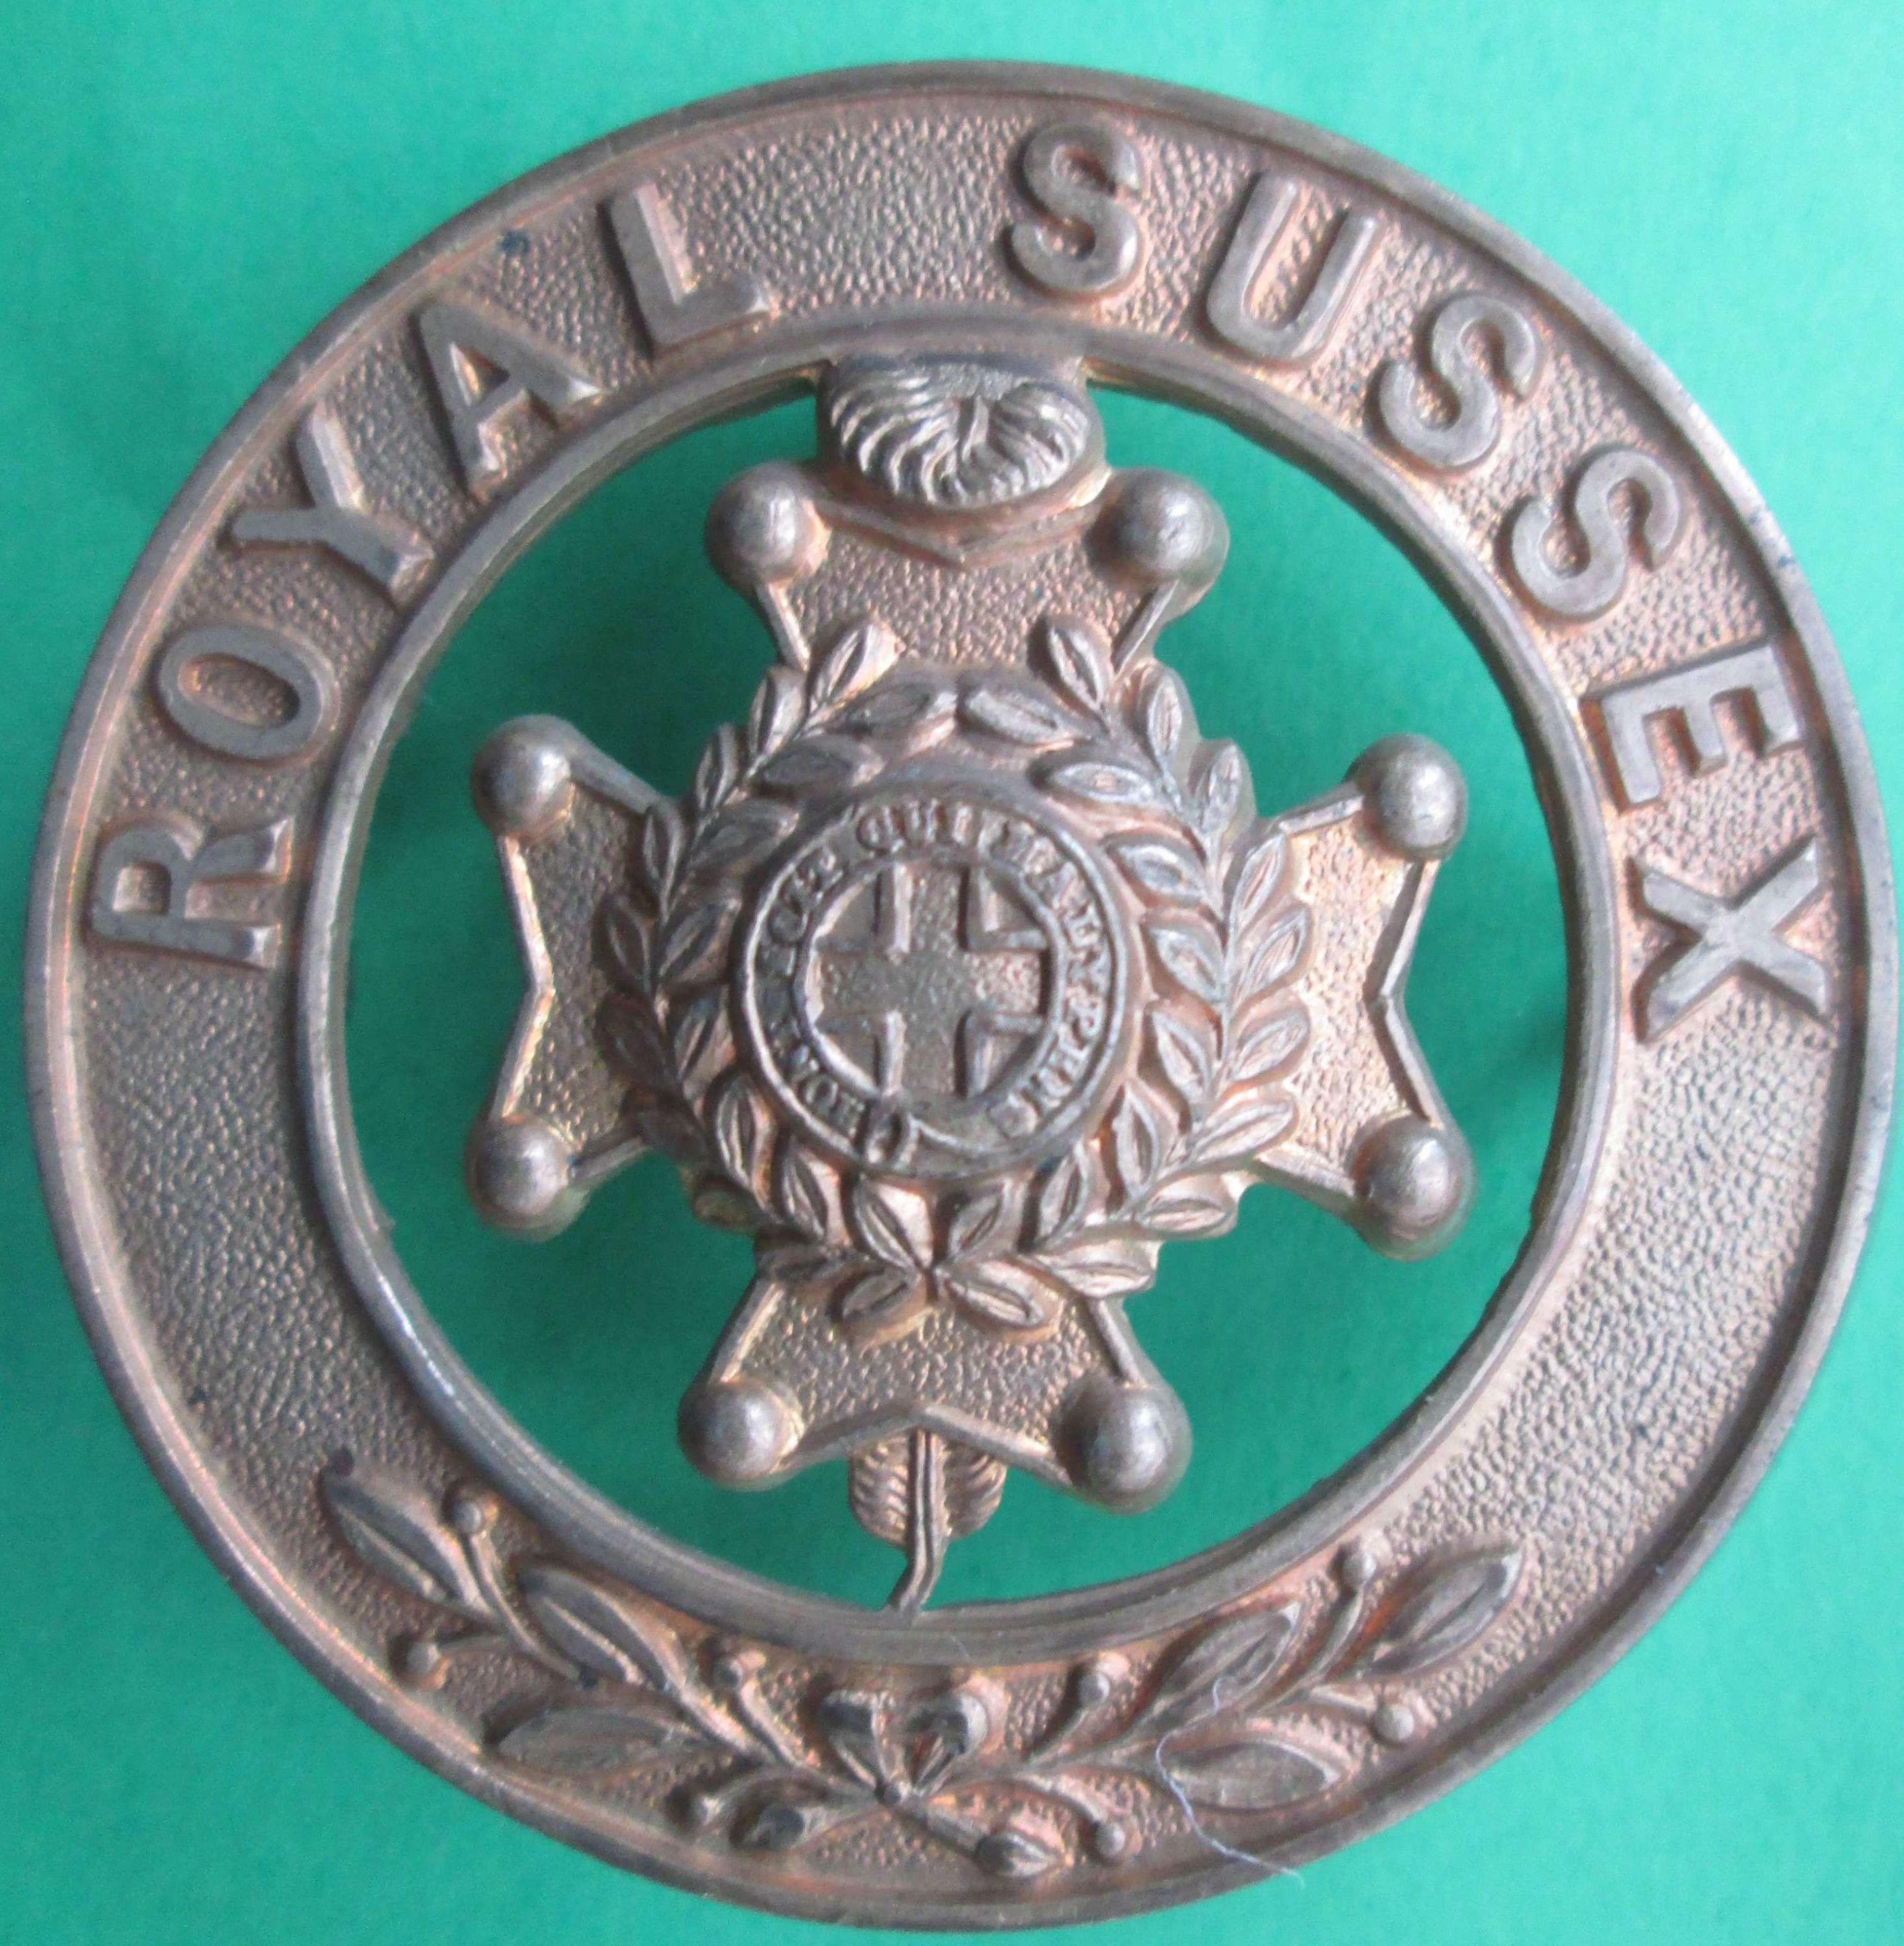 ROYAL SUSSEX REGIMENT HELMET CENTRE